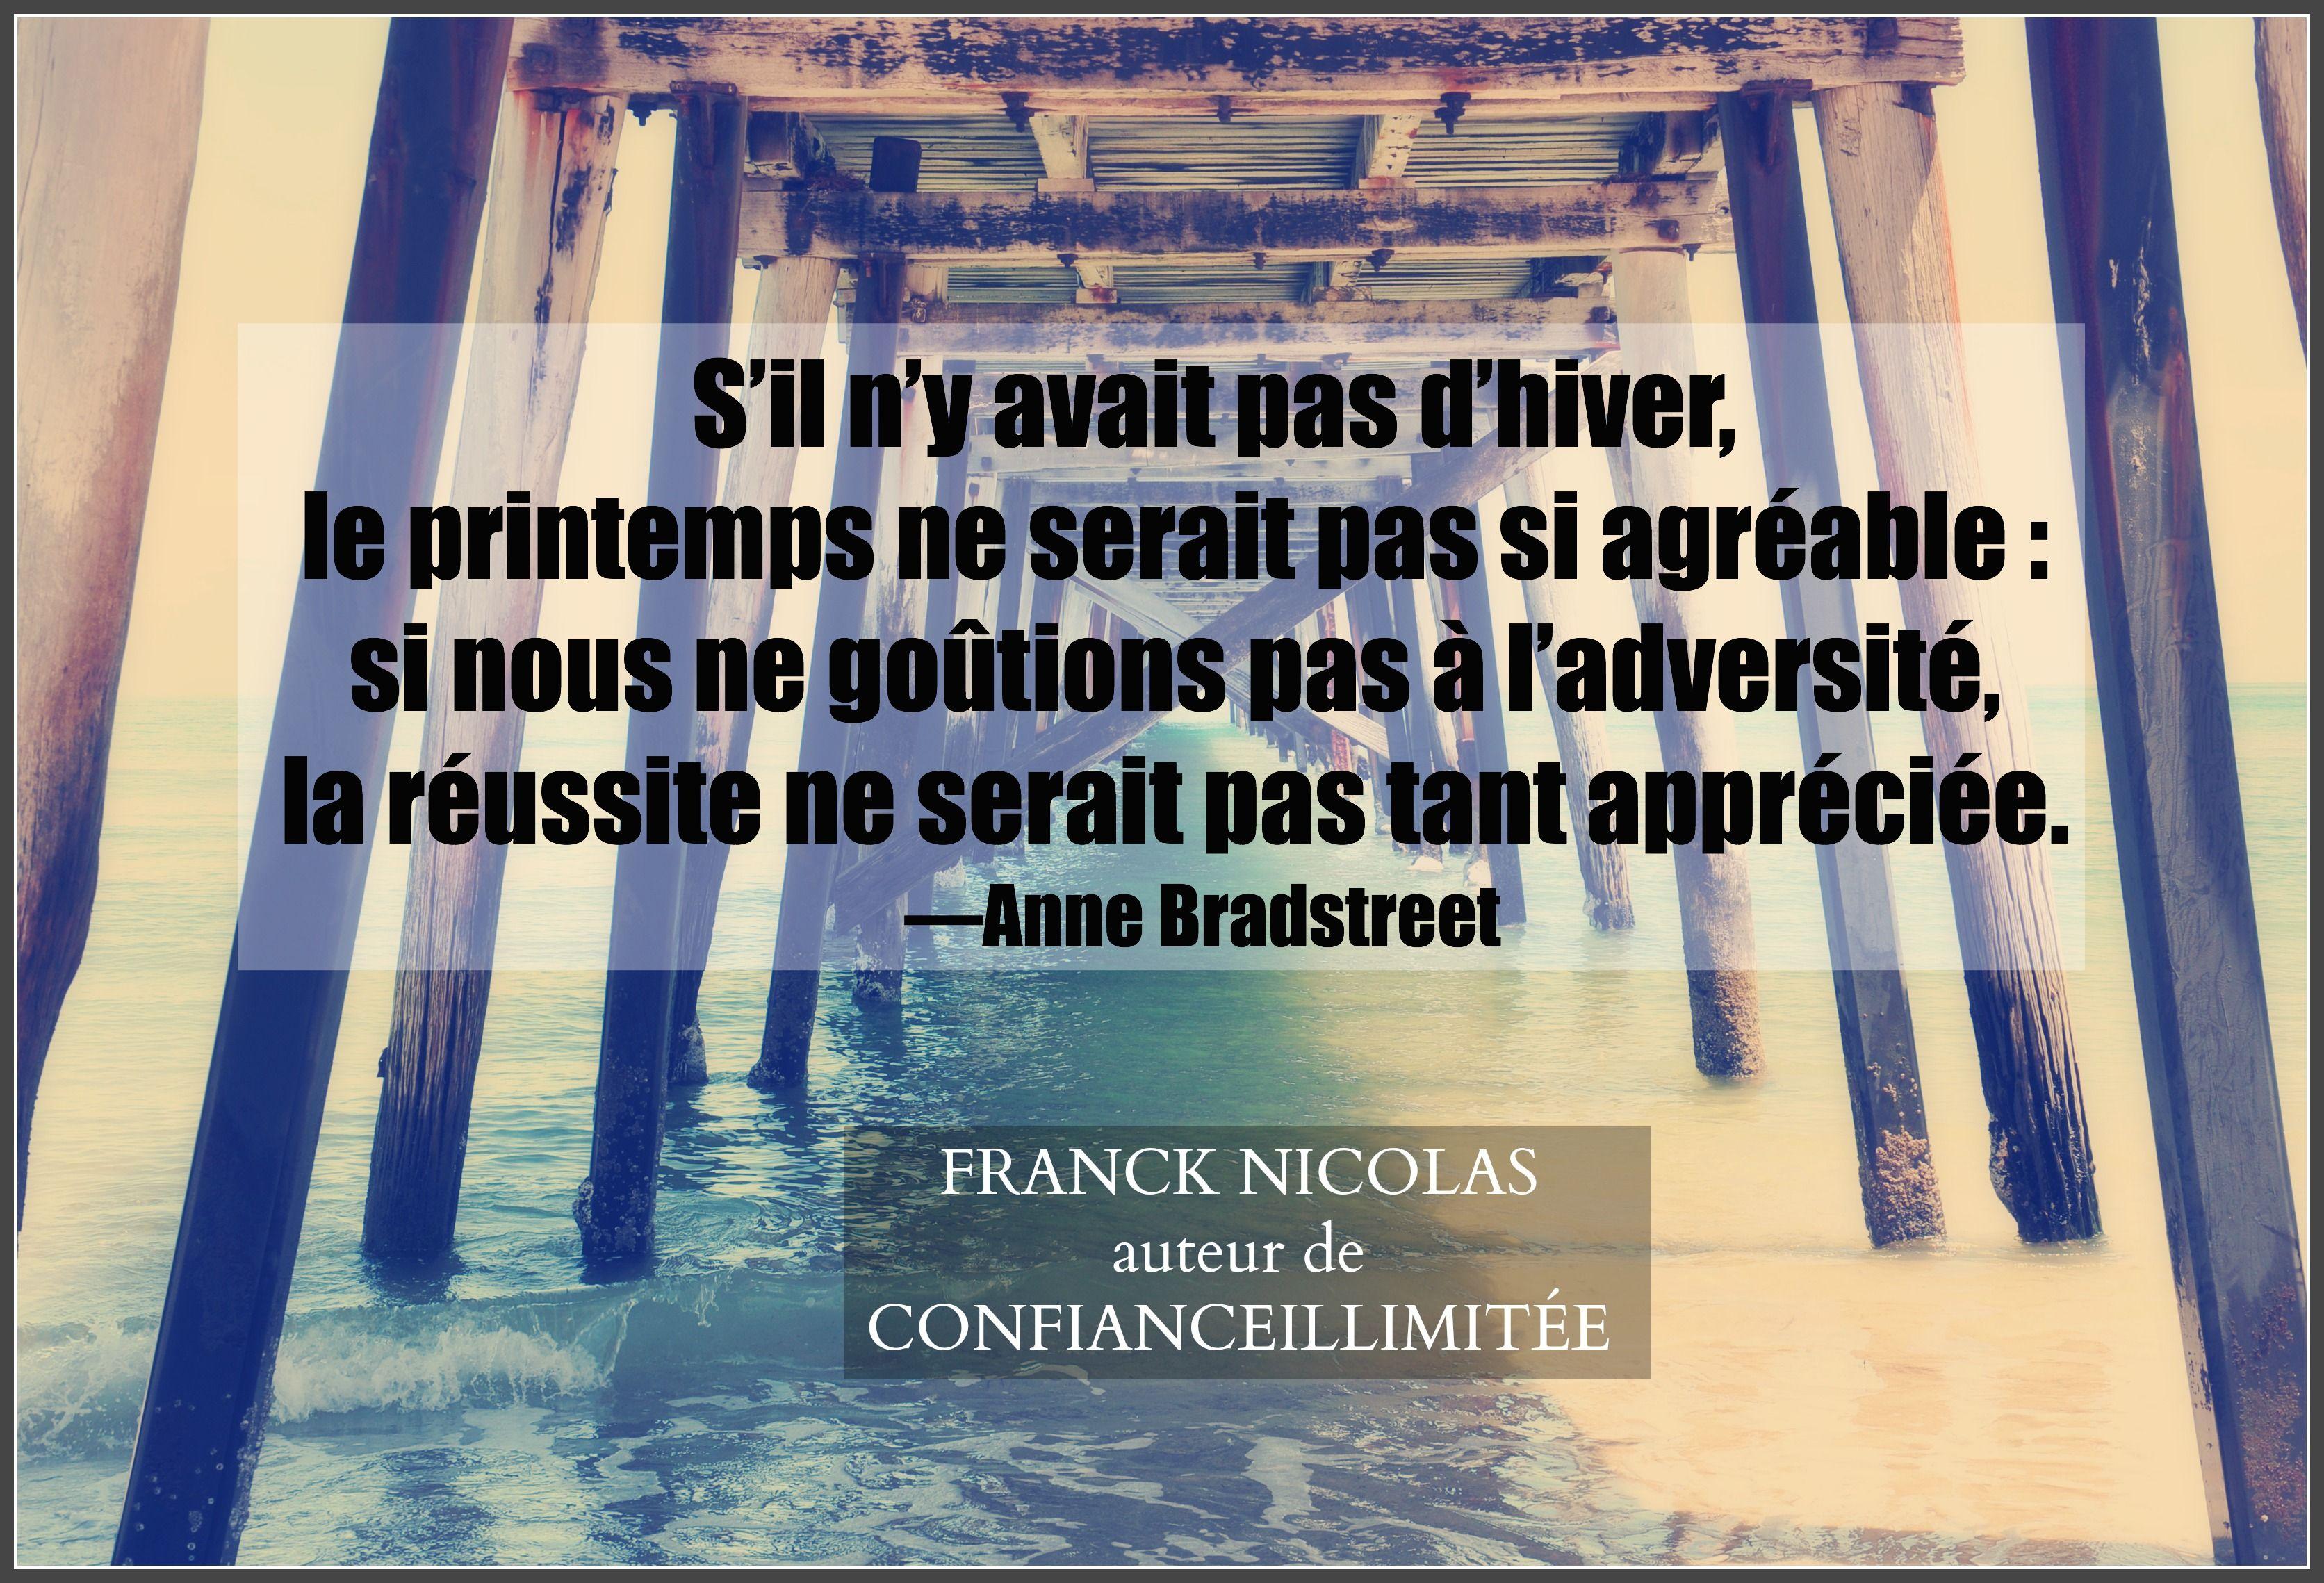 Apprécier La Réussite Inspiration Franck Nicolas